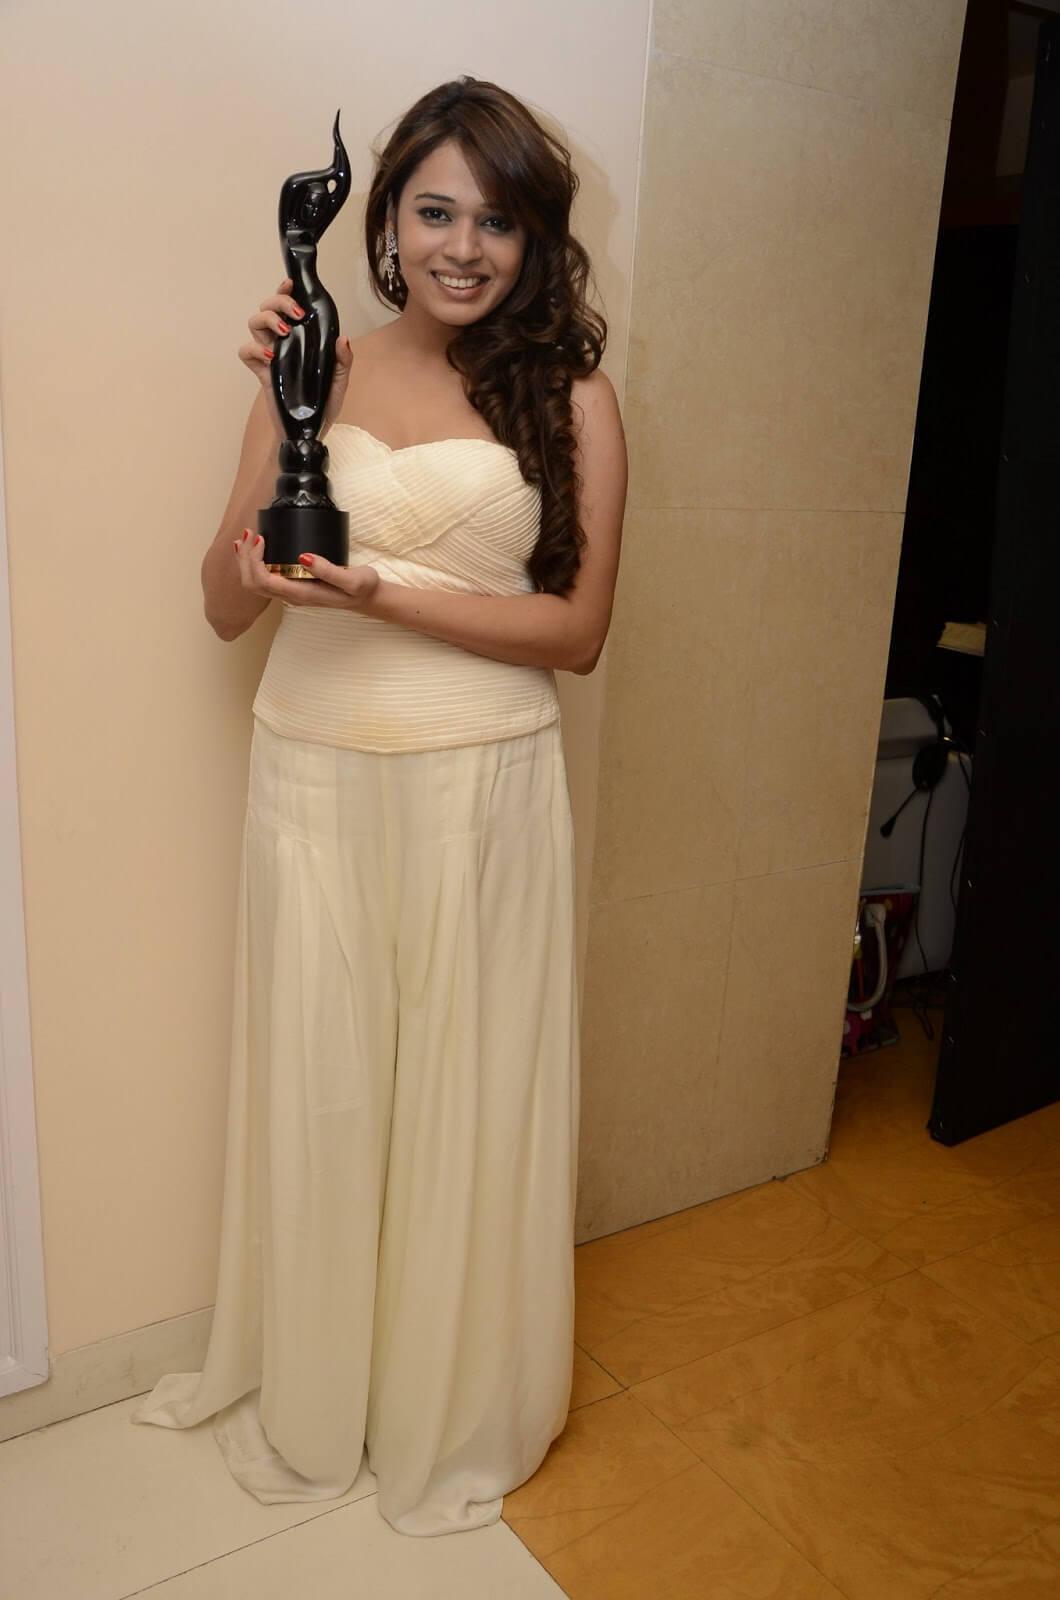 Singer Shalmali Kholgade